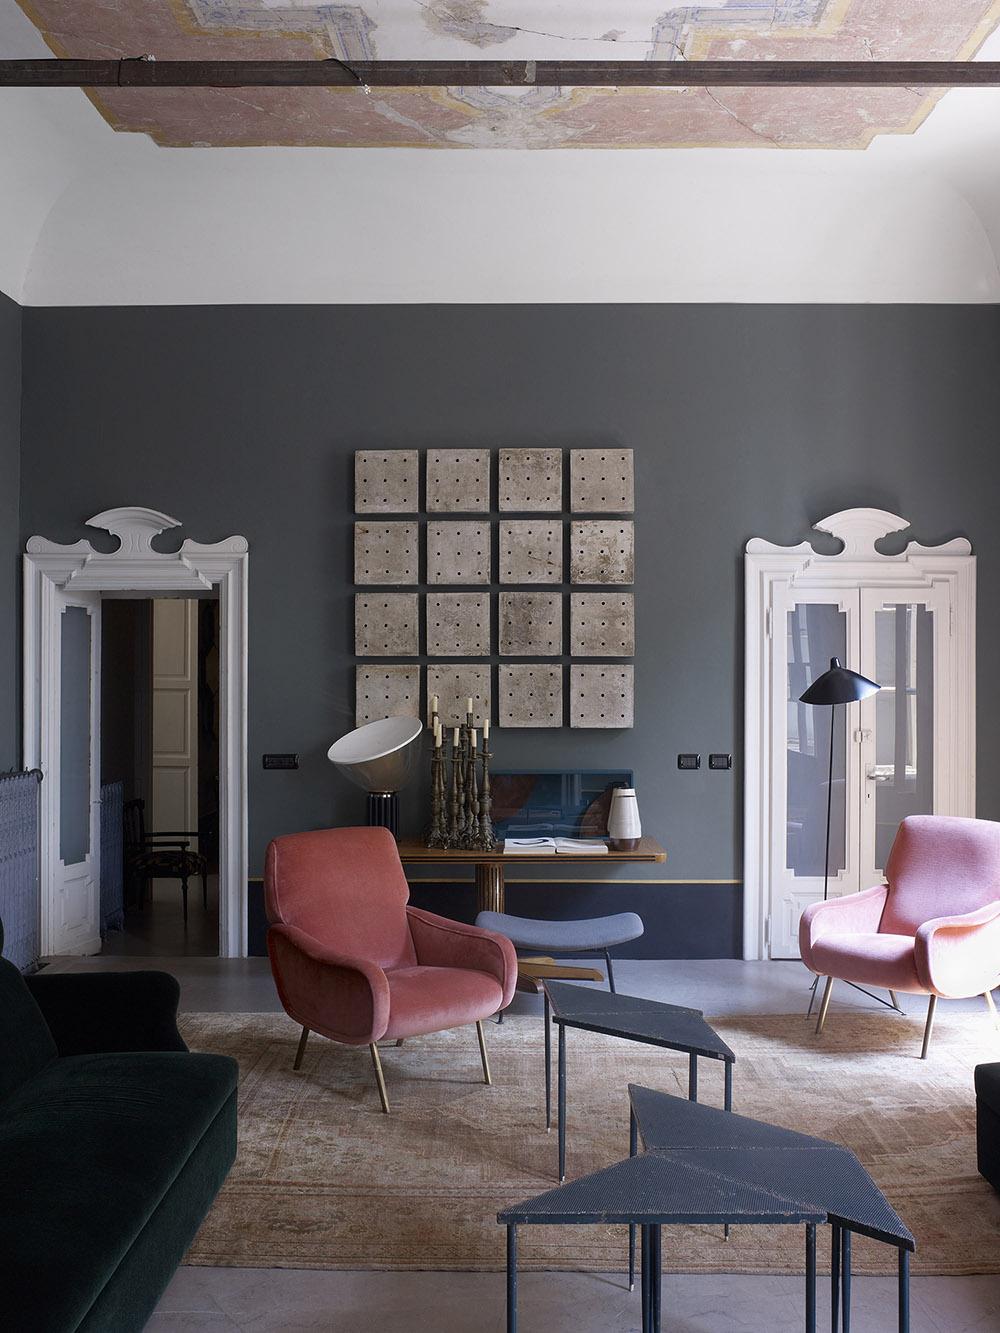 Dimore studios _ Apartment_Milan1_daniellawitte bolg